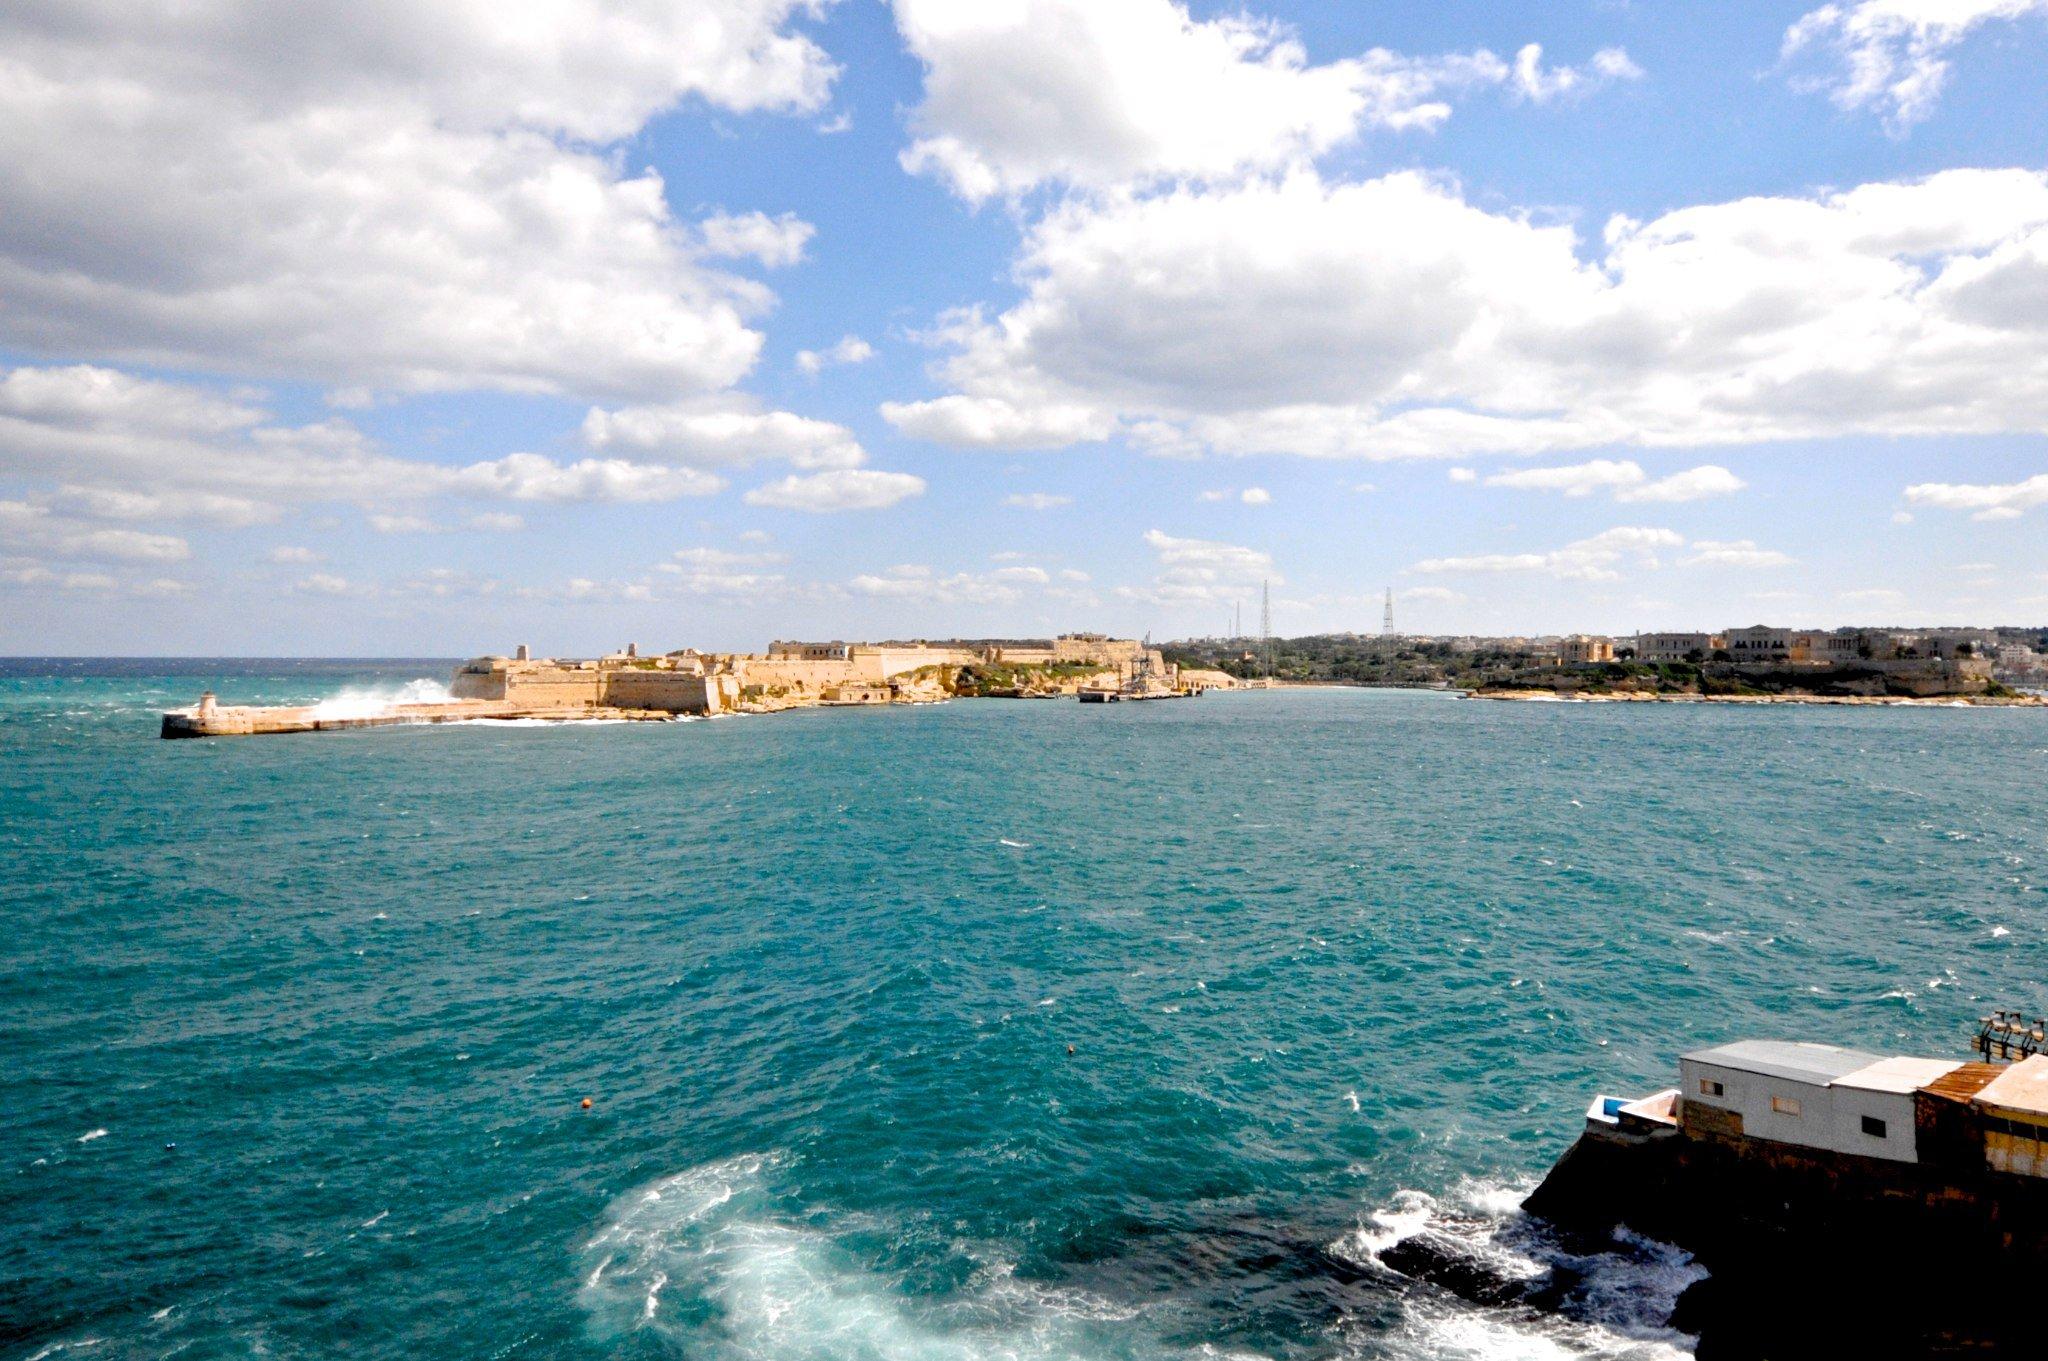 Vivre et s'expatrier à Malte